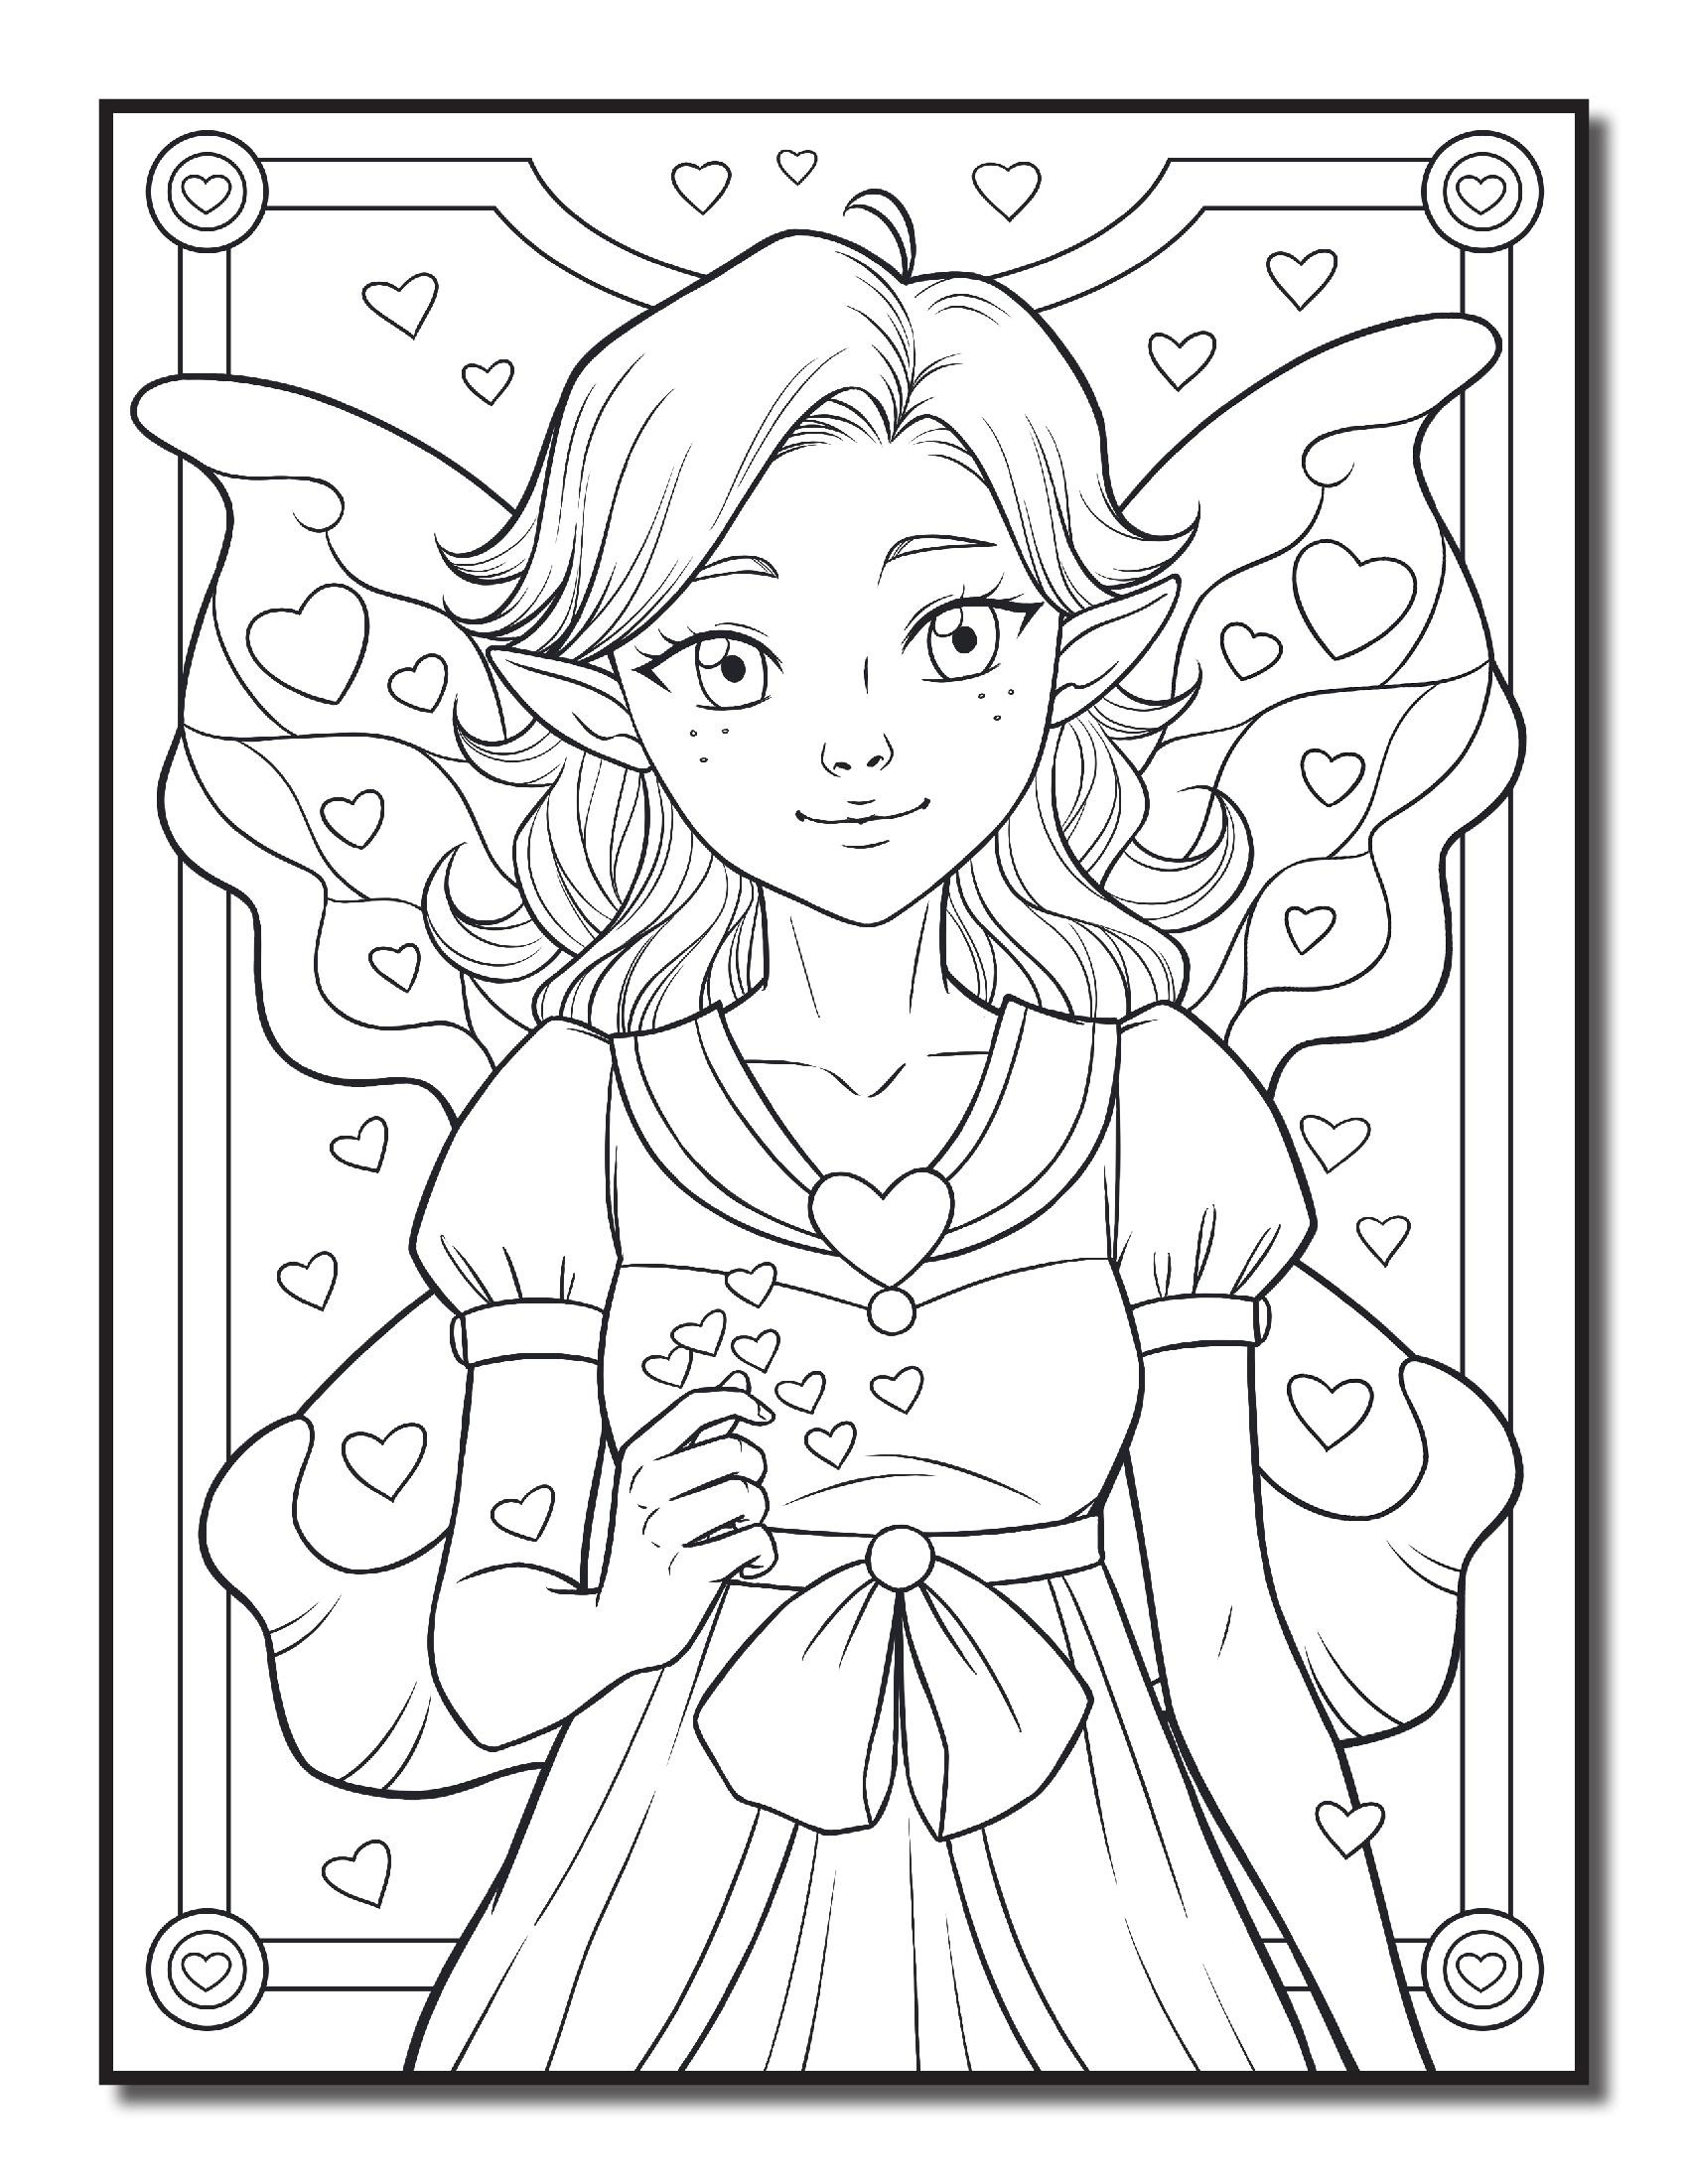 фея девочка с крыльями феи и эльфы раскраски антистресс